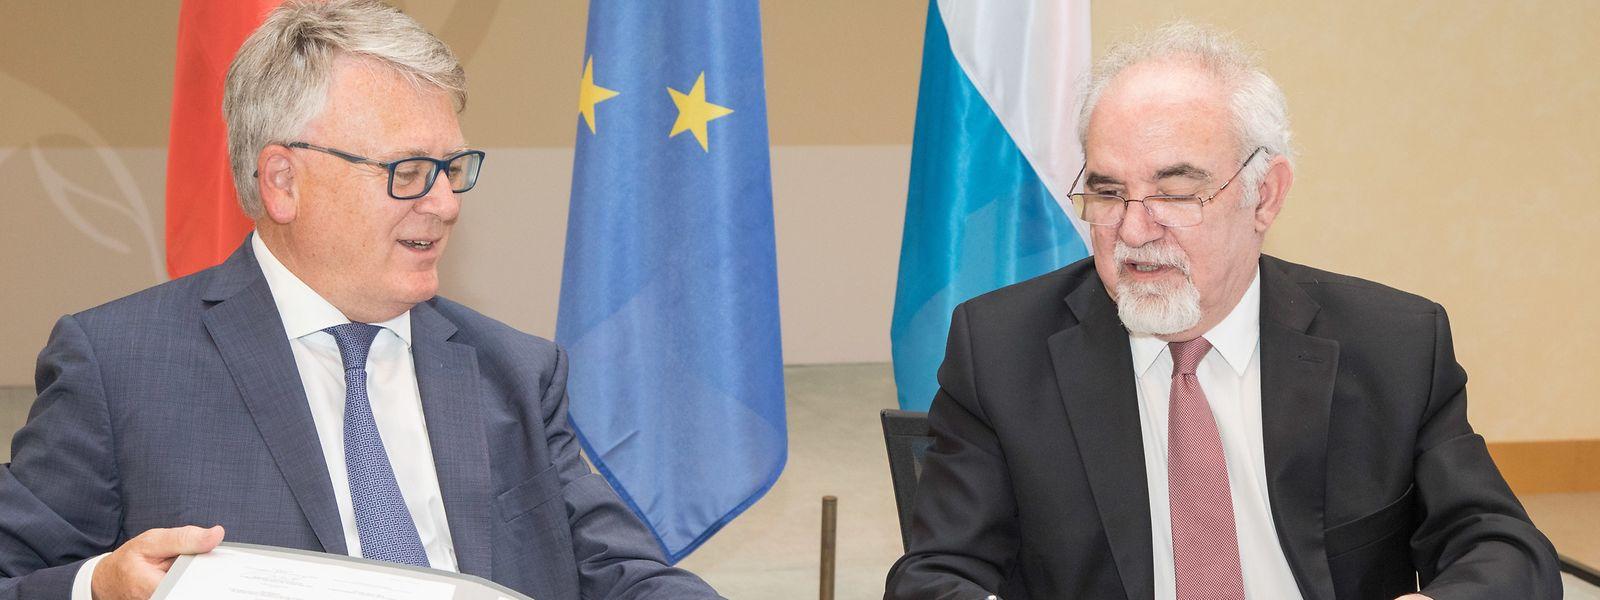 O acordo foi assinado esta tarde no castelo de Senningen, pelos ministros do Trabalho dos dois países, Nicolas Schmit e Vieira da Silva (à dta).